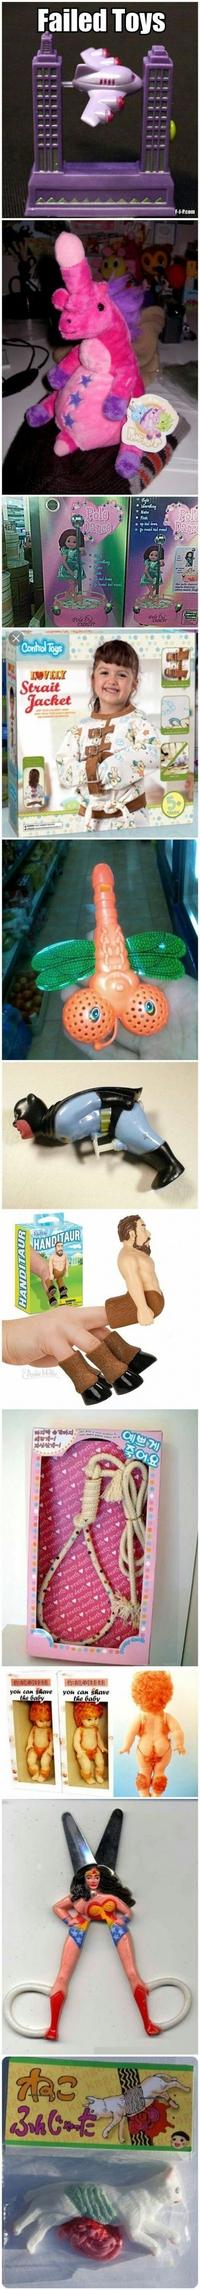 Des jouets ratés